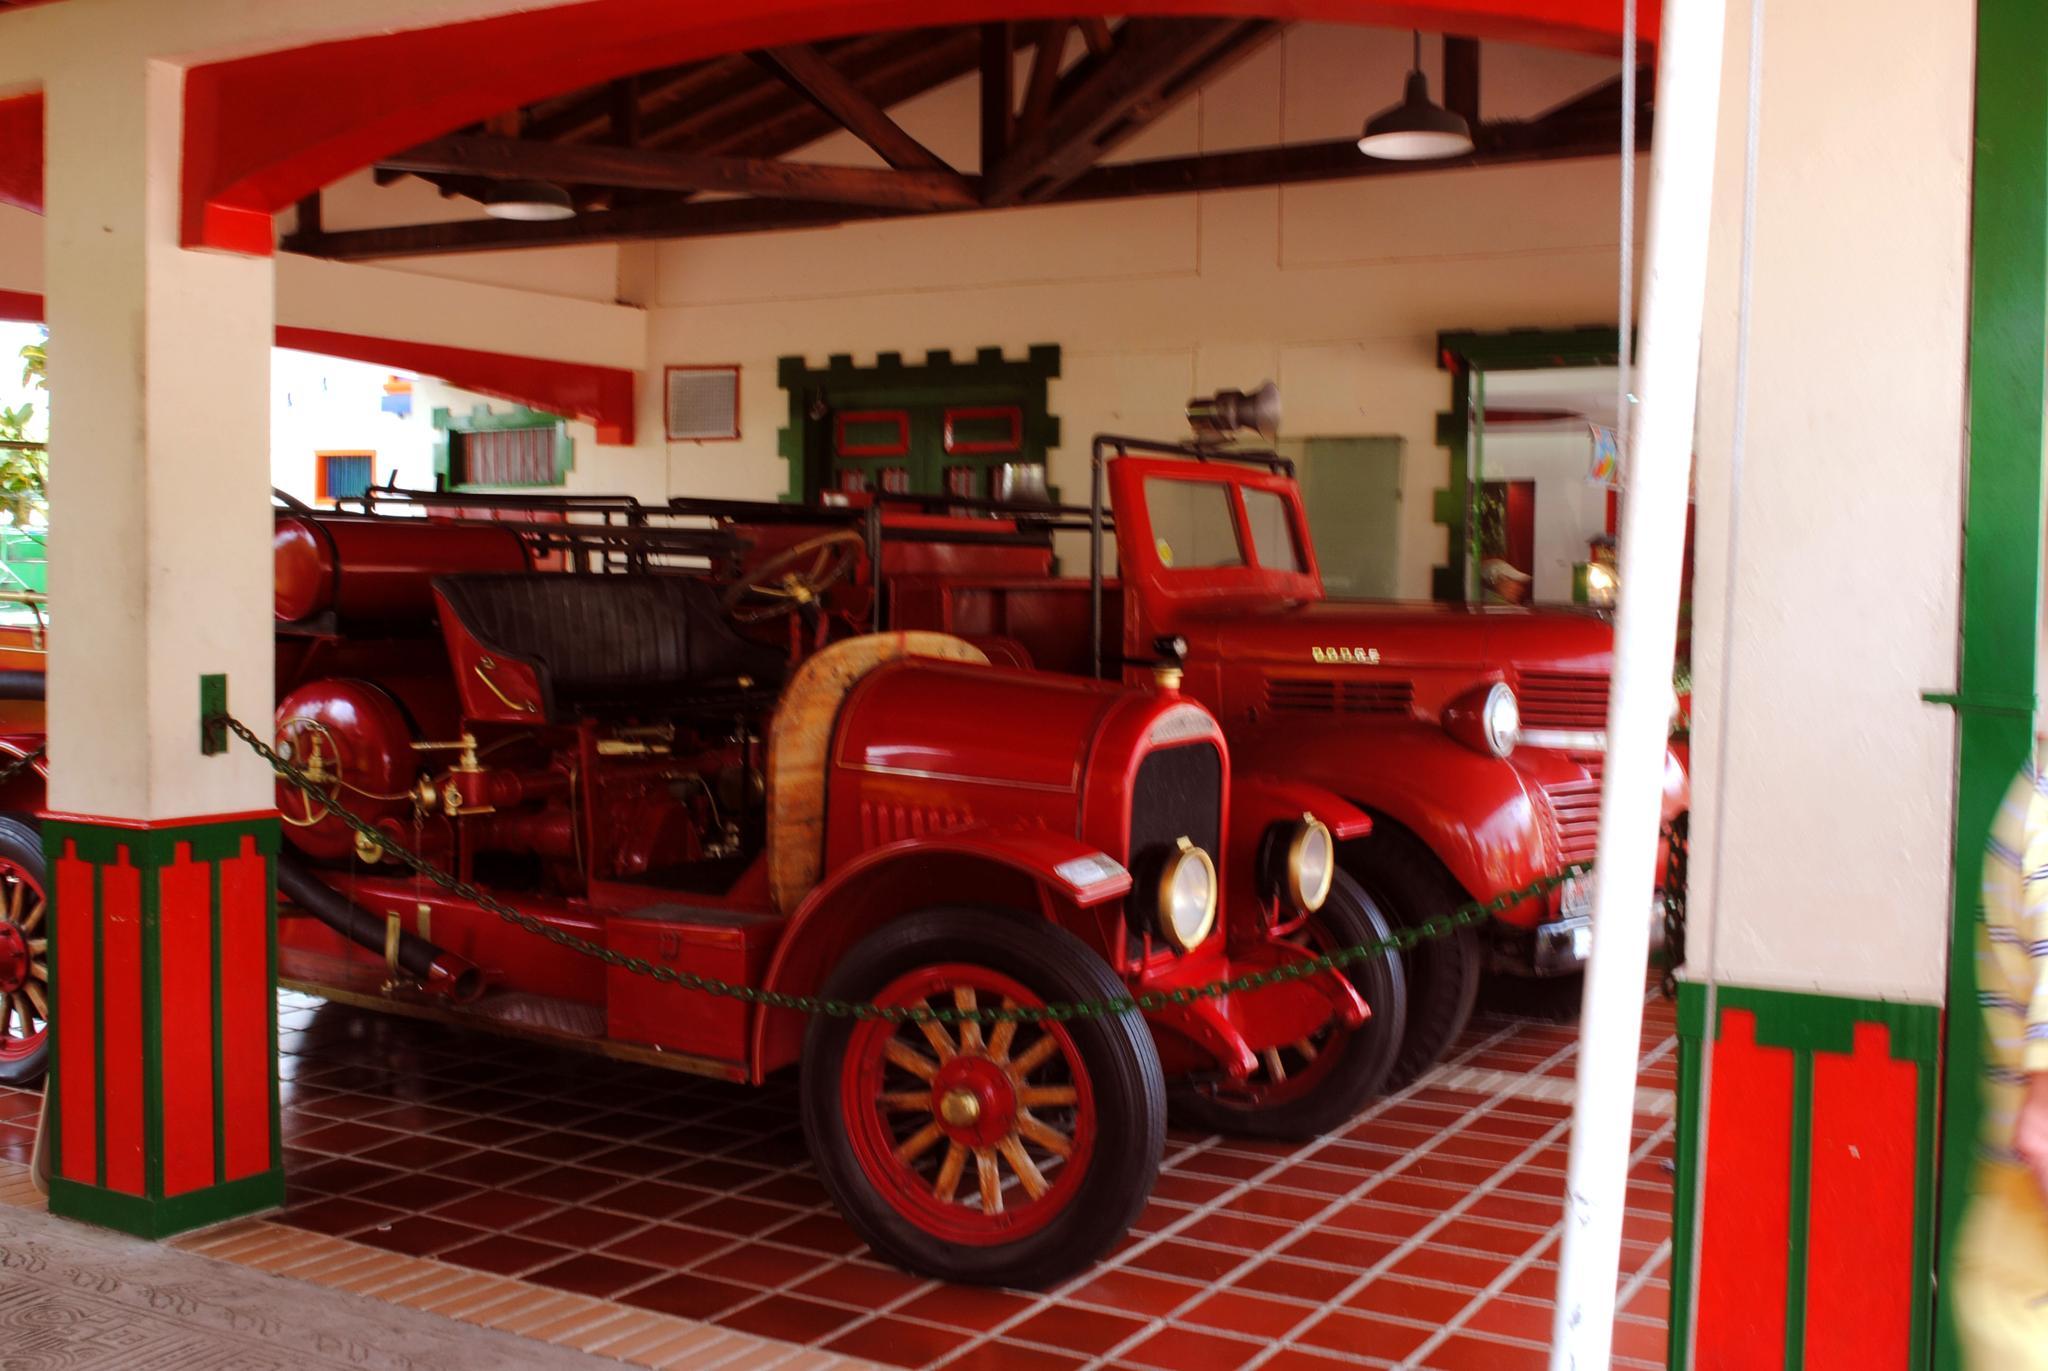 Carros de bomberos Antiguos by Juan Carlos Ferro De la Pava